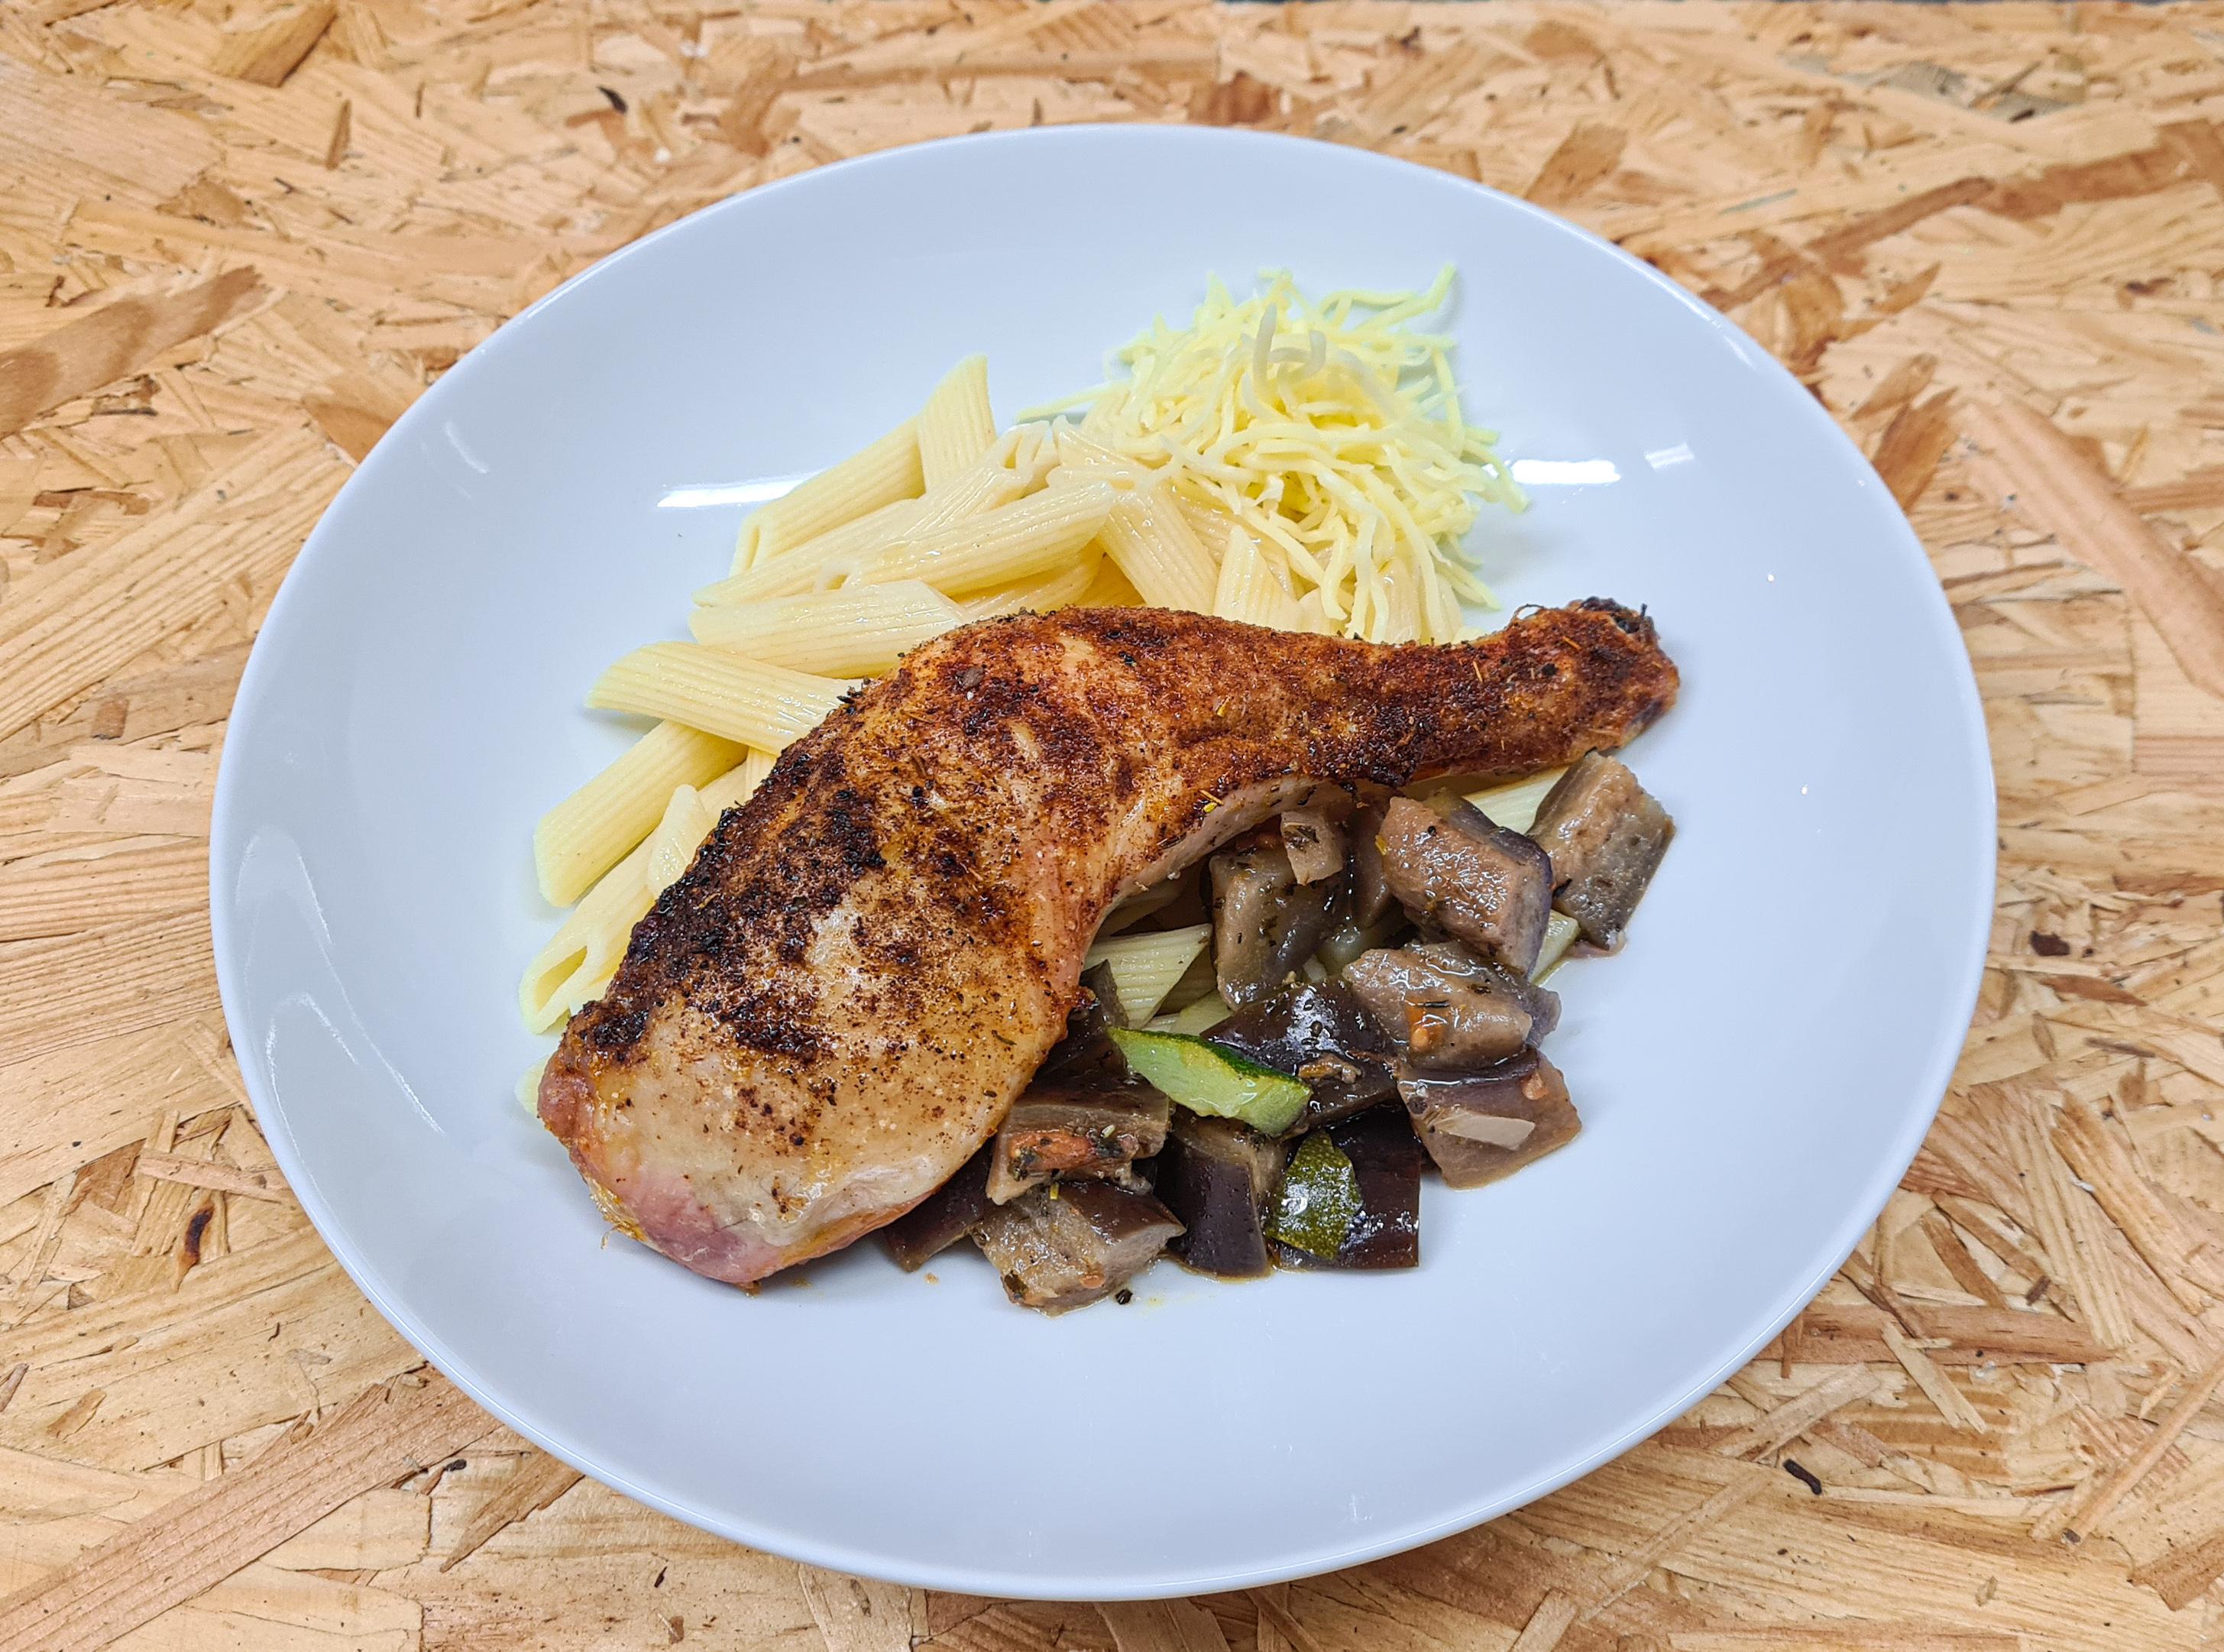 Cuisse de poulet grillée accompagnée de